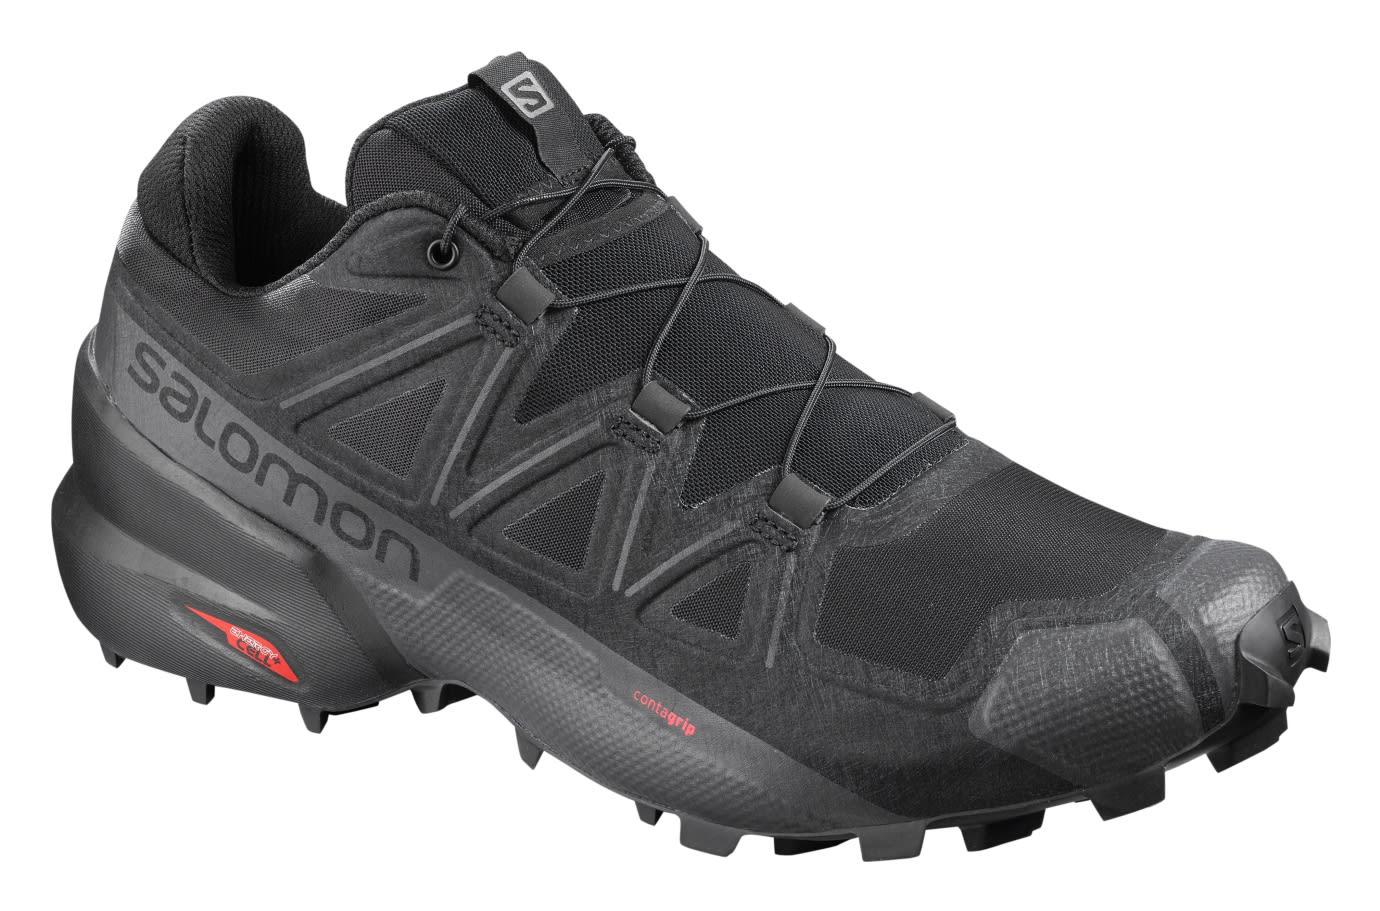 Salomon Speedcross 5 Wide Trail Running